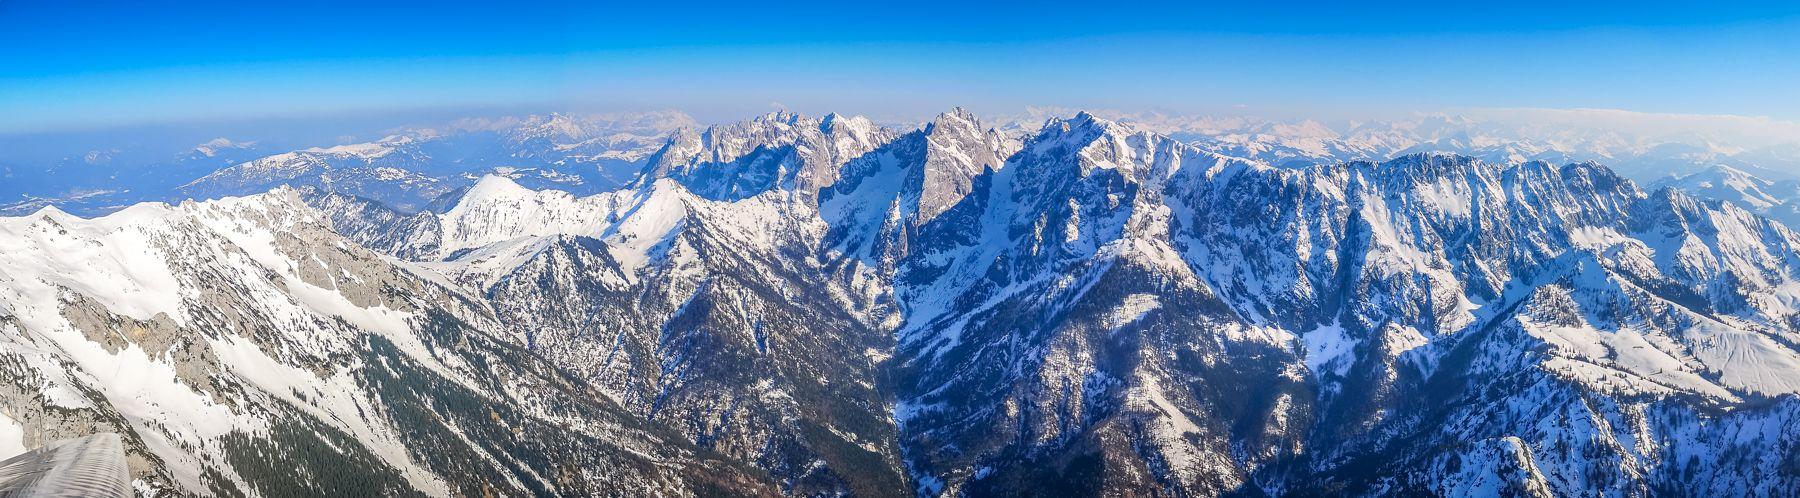 Weiße Berge im fruehling